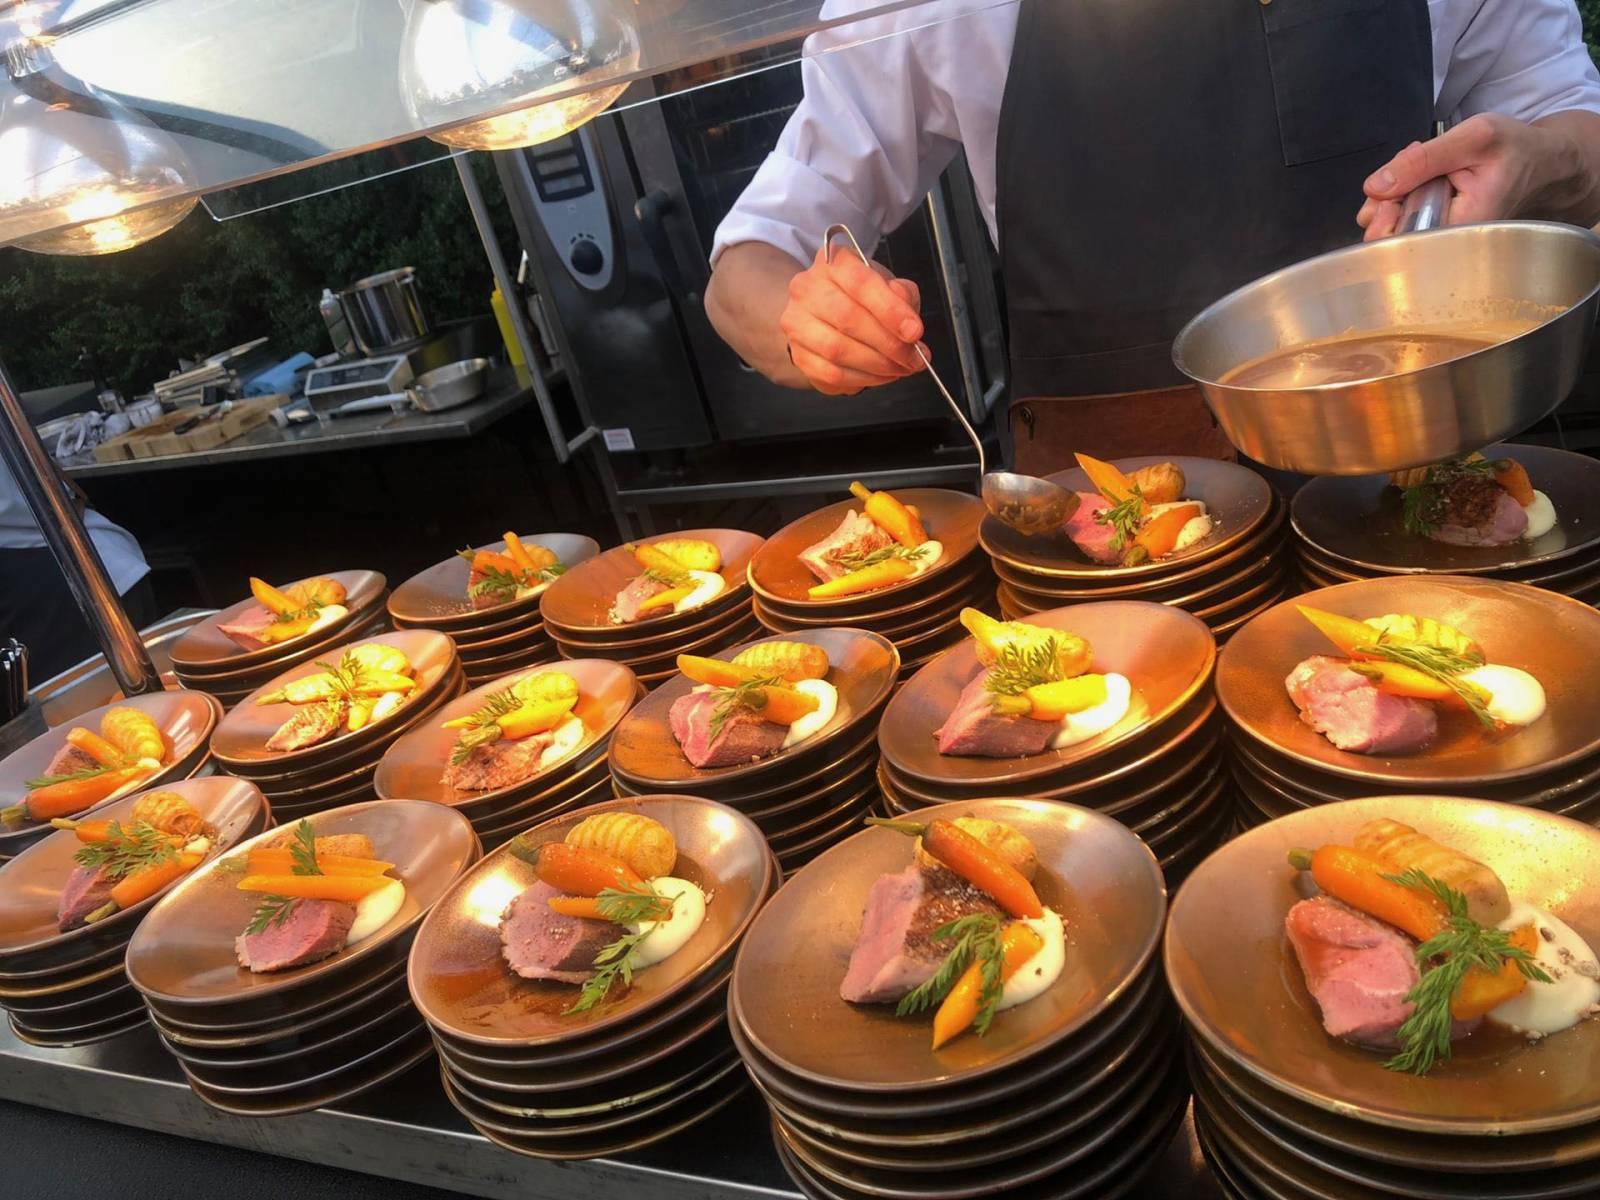 Hendrickx feesten - Catering - Traiteur - Cateraar - House of Events - 22